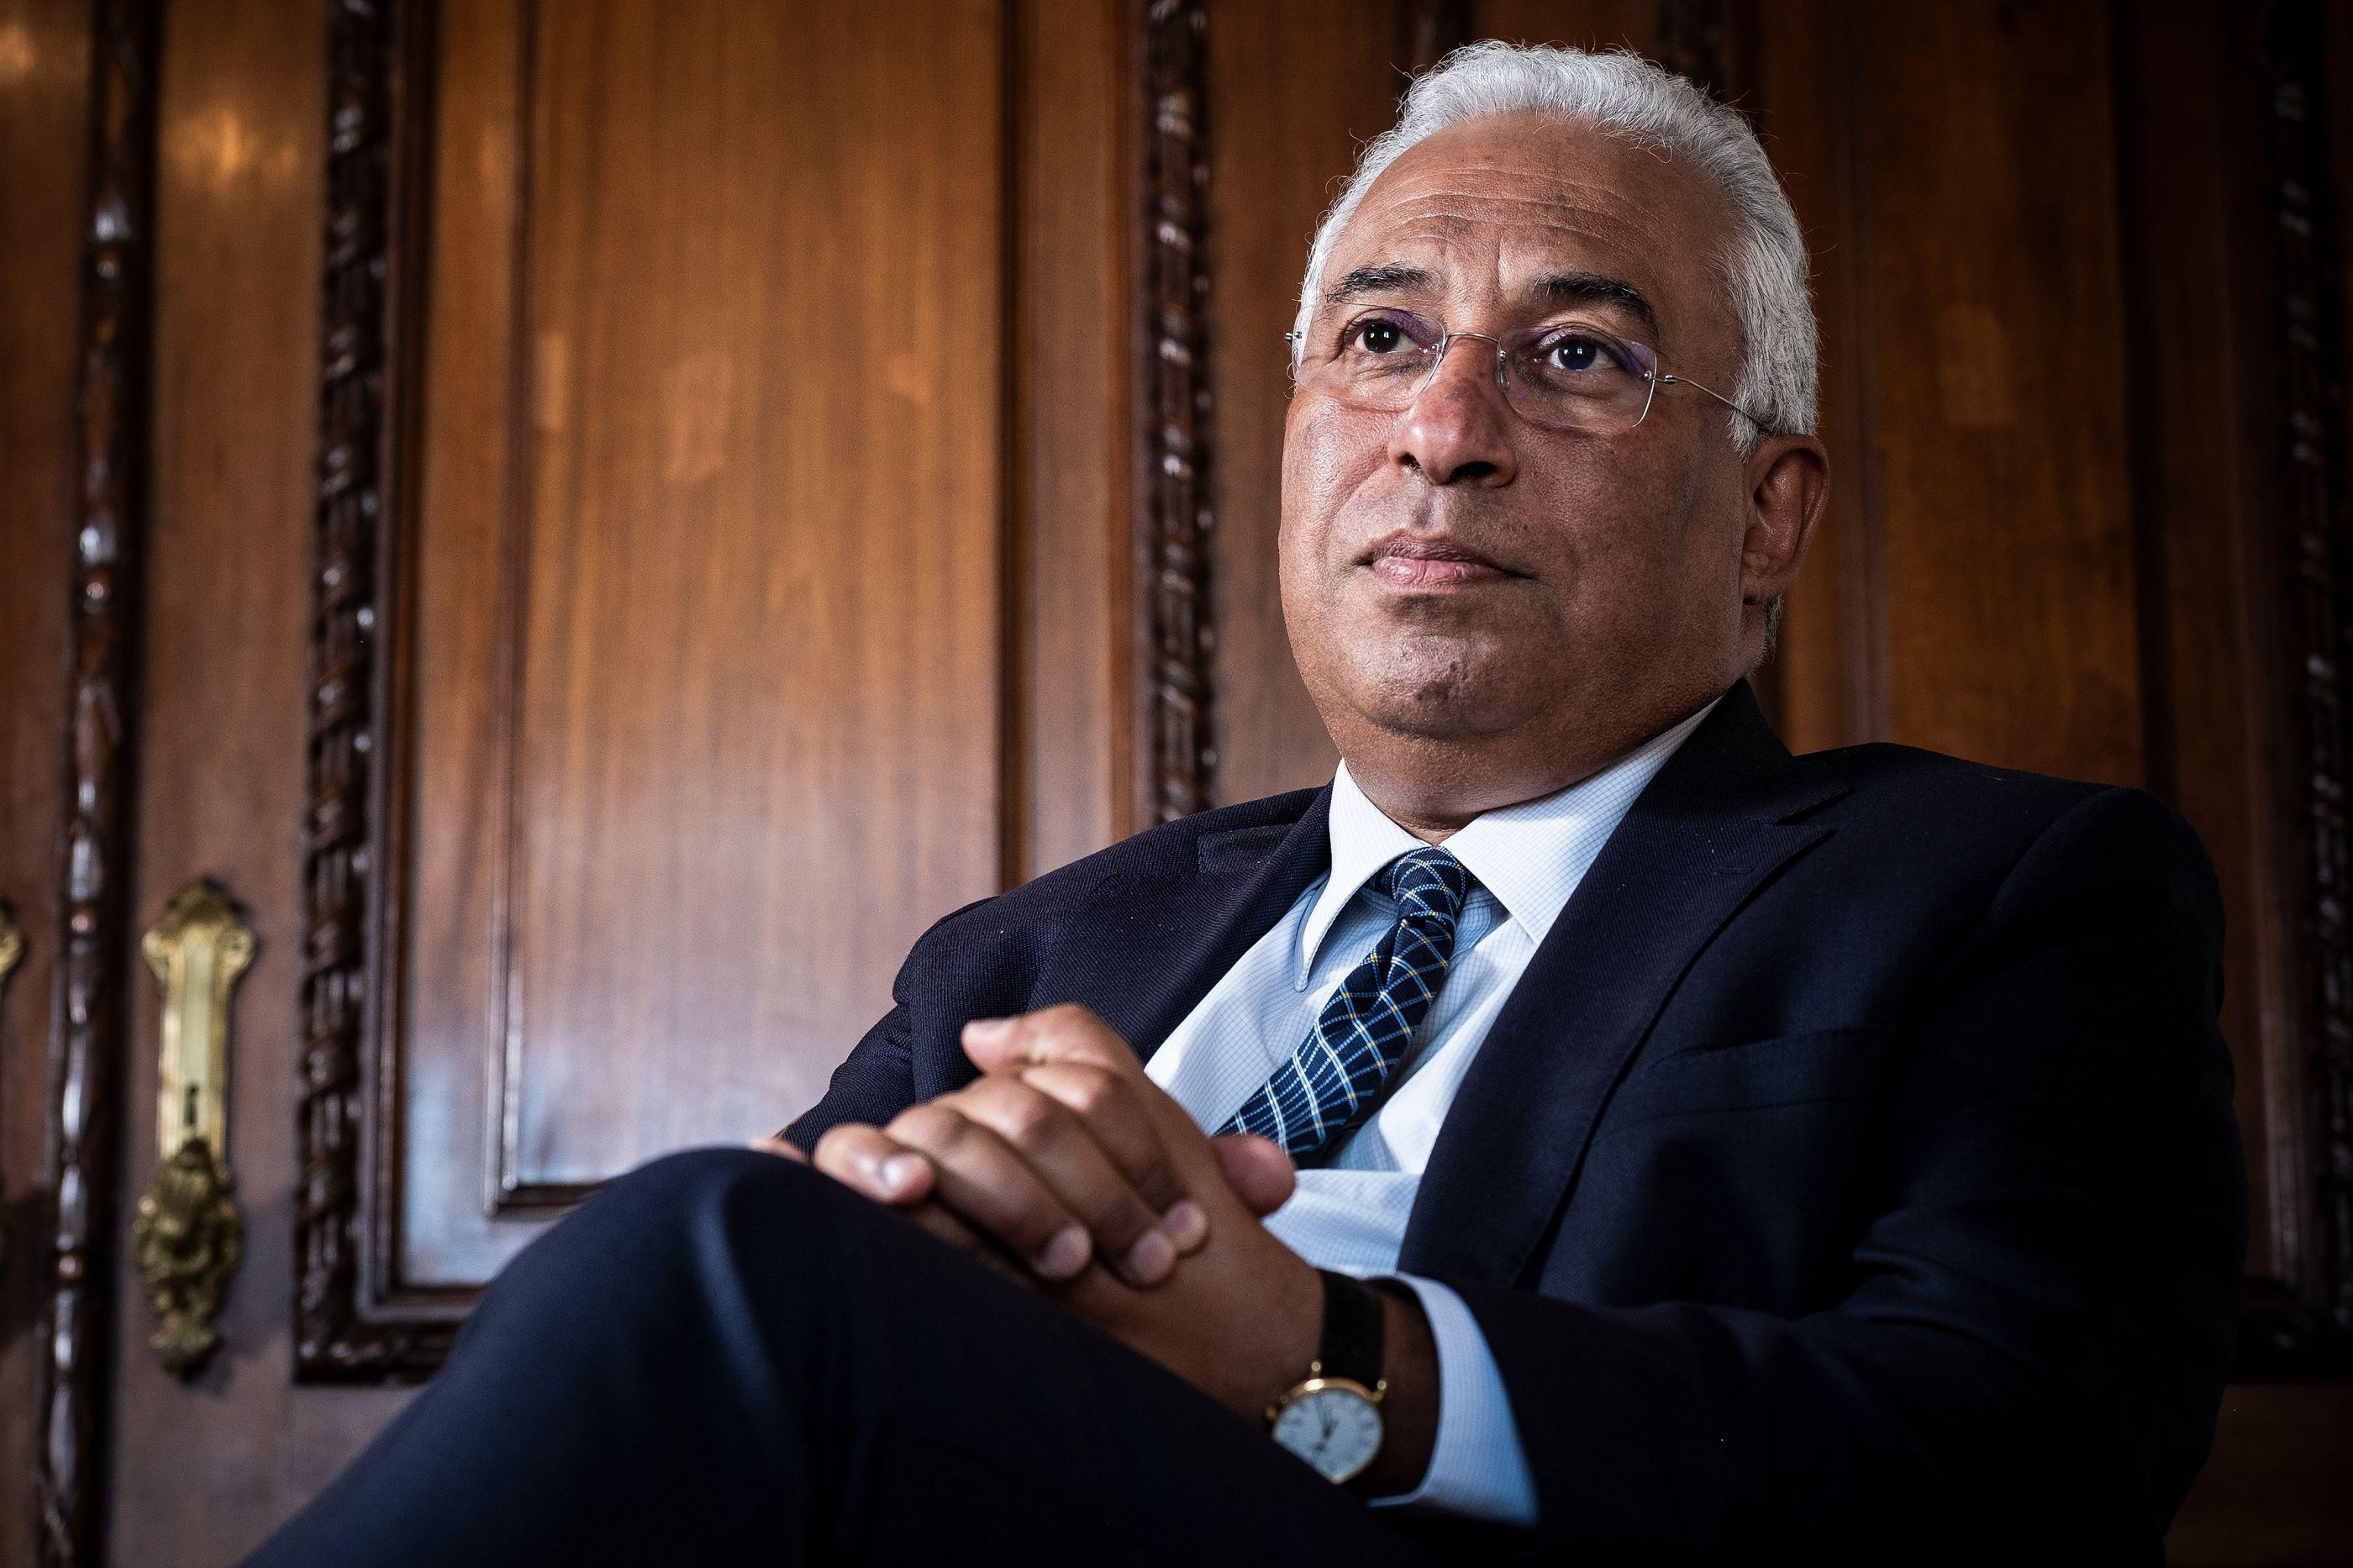 """Costa admite aumentos salariais, mas sem perder foco nas """"contas certas"""""""